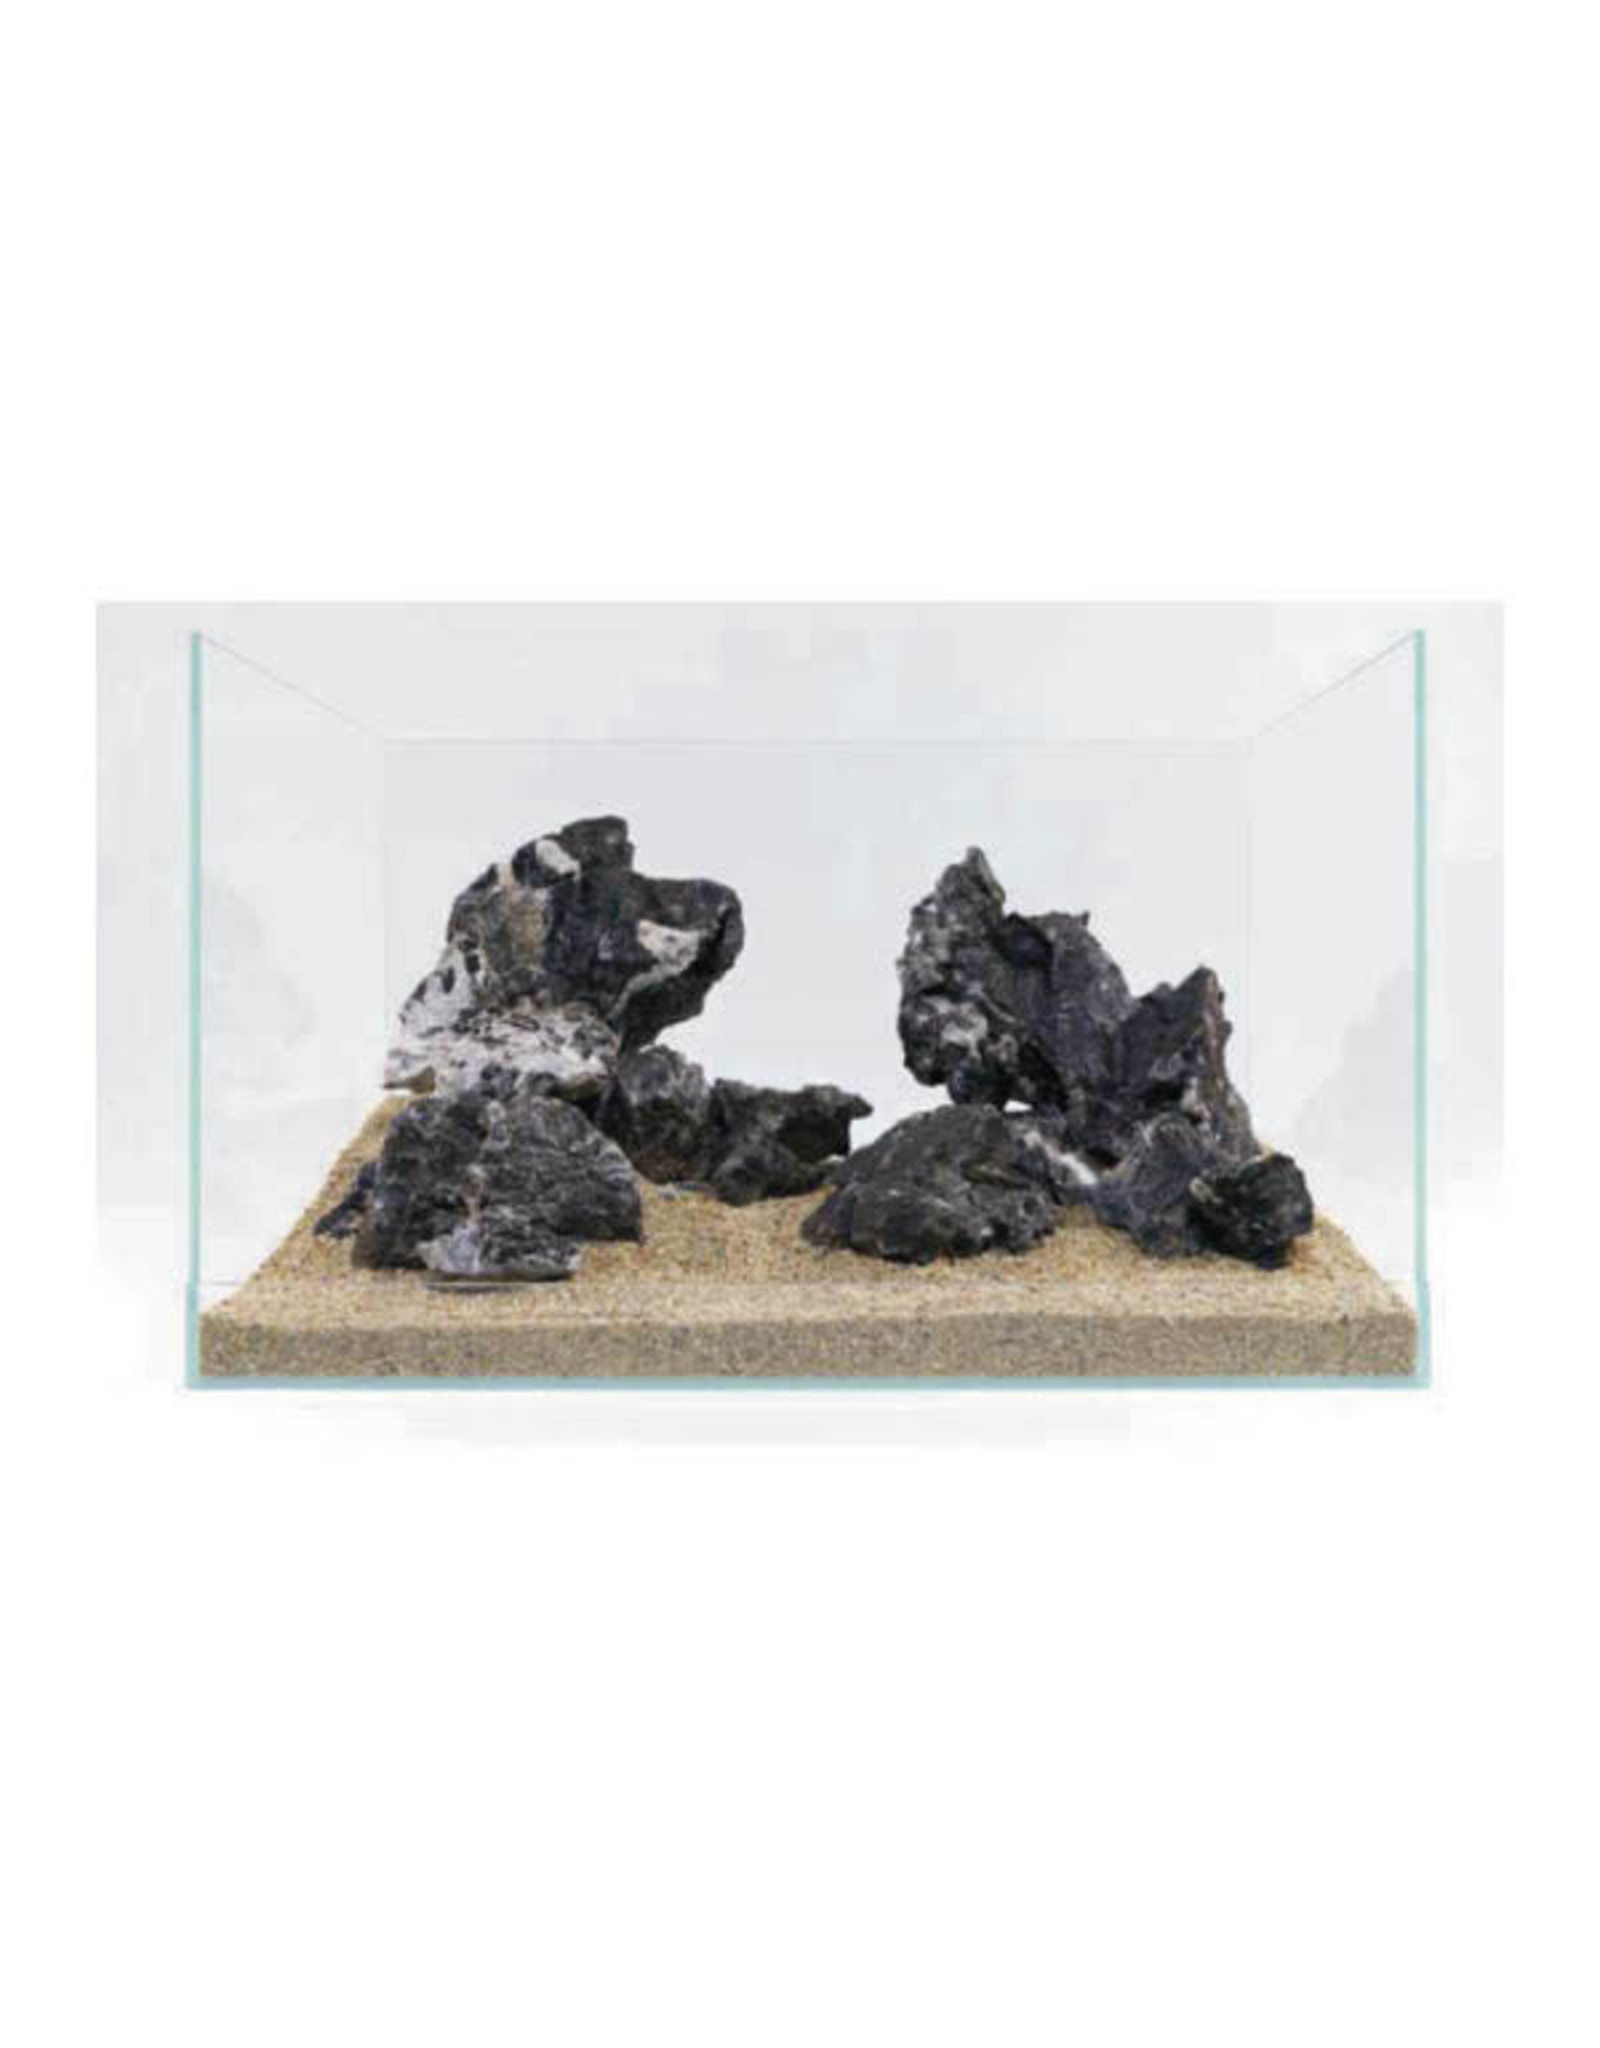 J&K Aquatics Leopard Stone 0.8-1.2kg